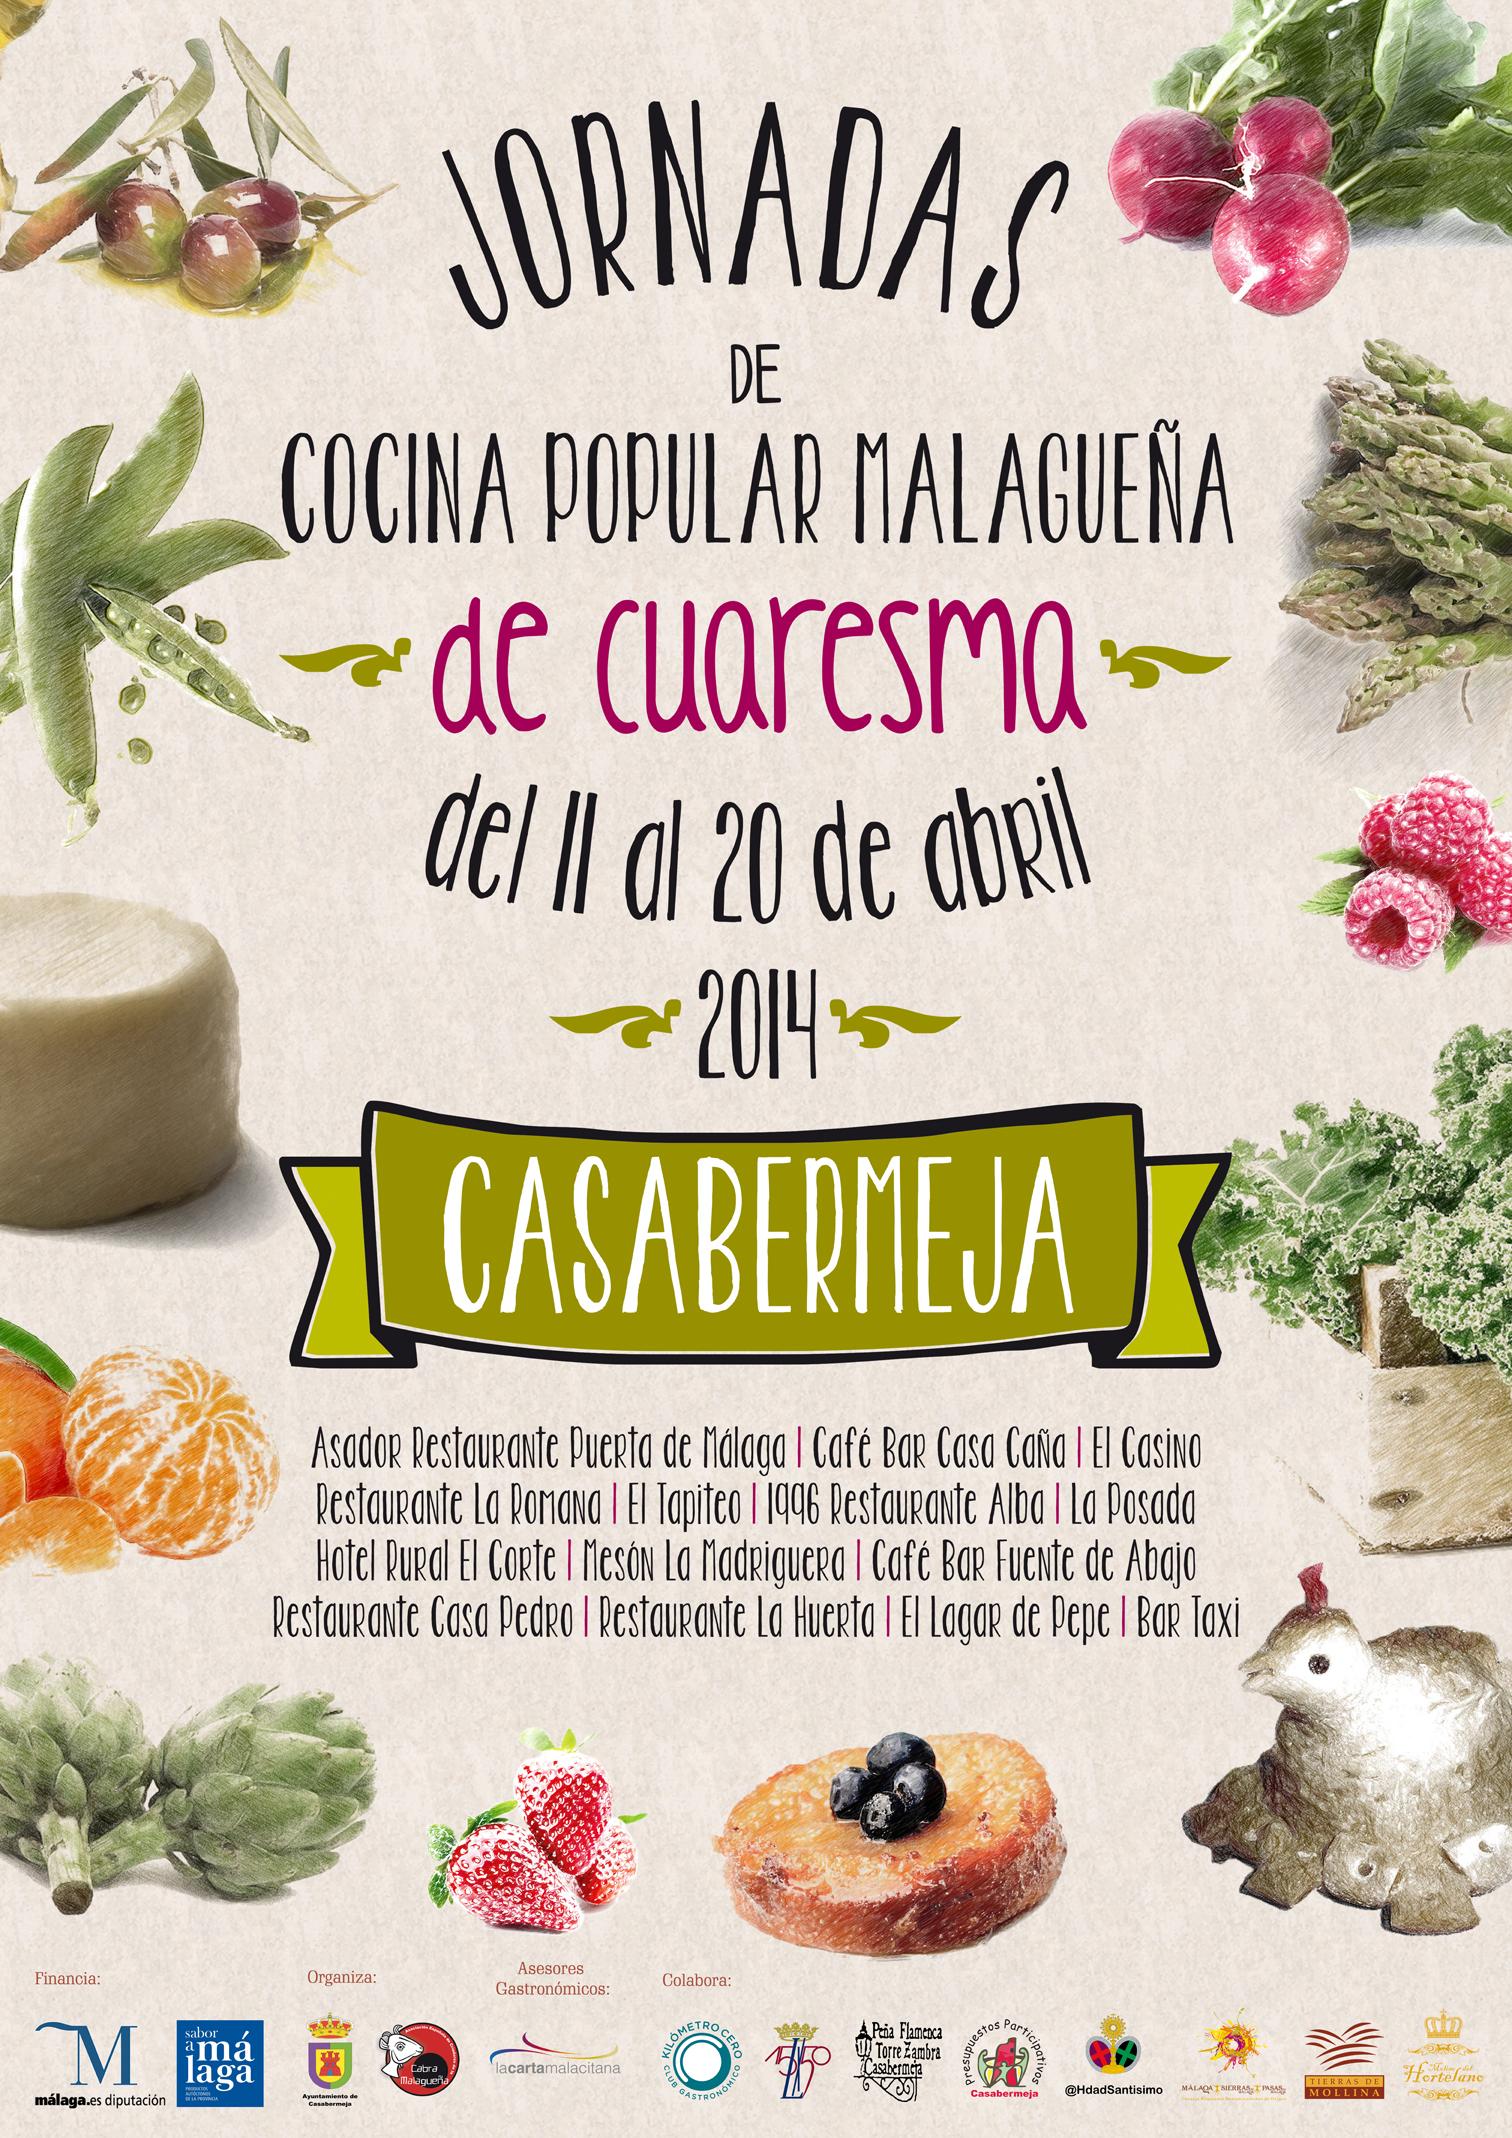 Cocina popular malague a cuaresma el blog de la alacena for La cocina popular